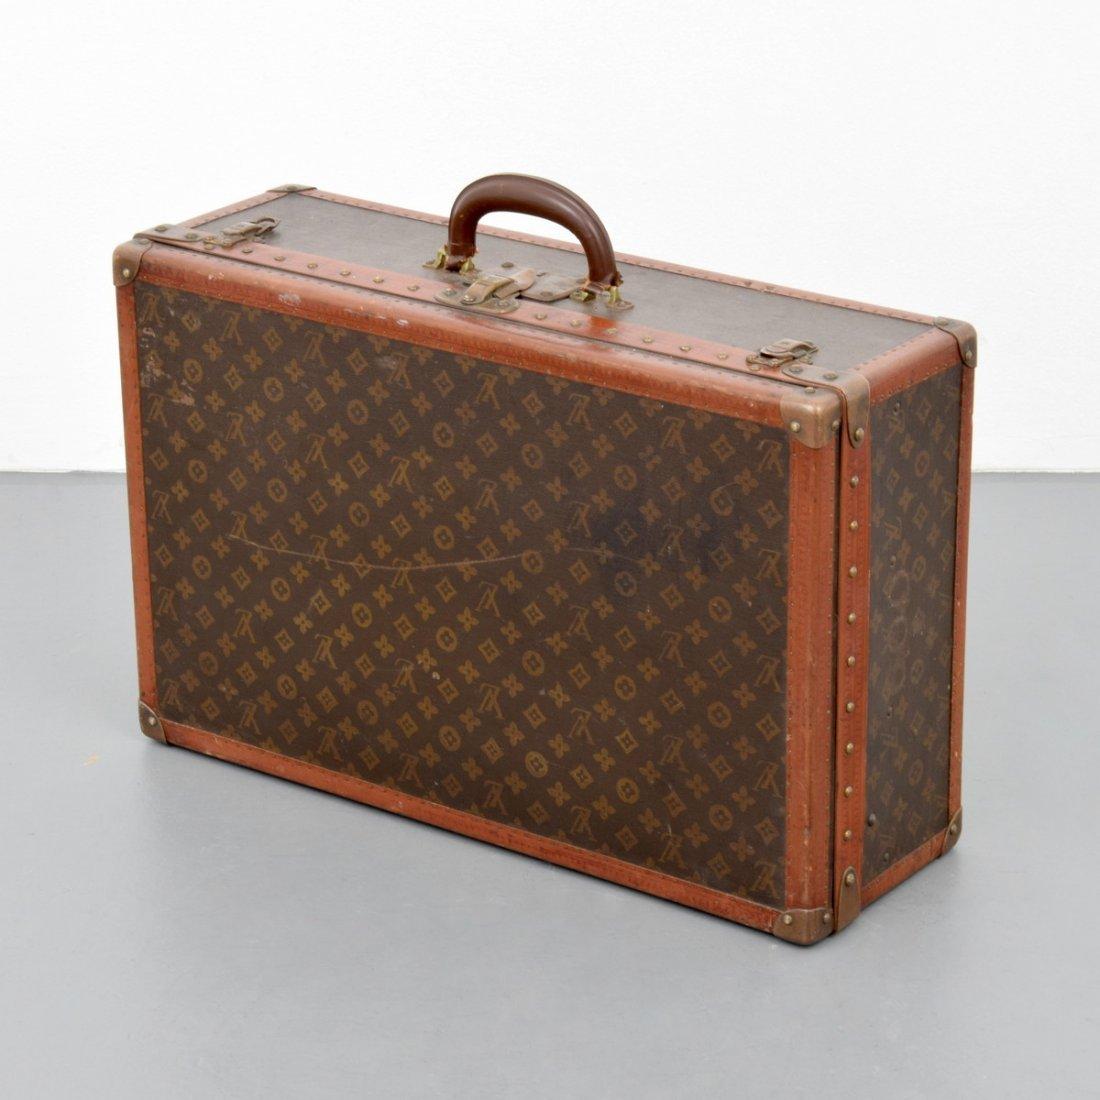 Louis Vuitton Monogrammed Suitcase